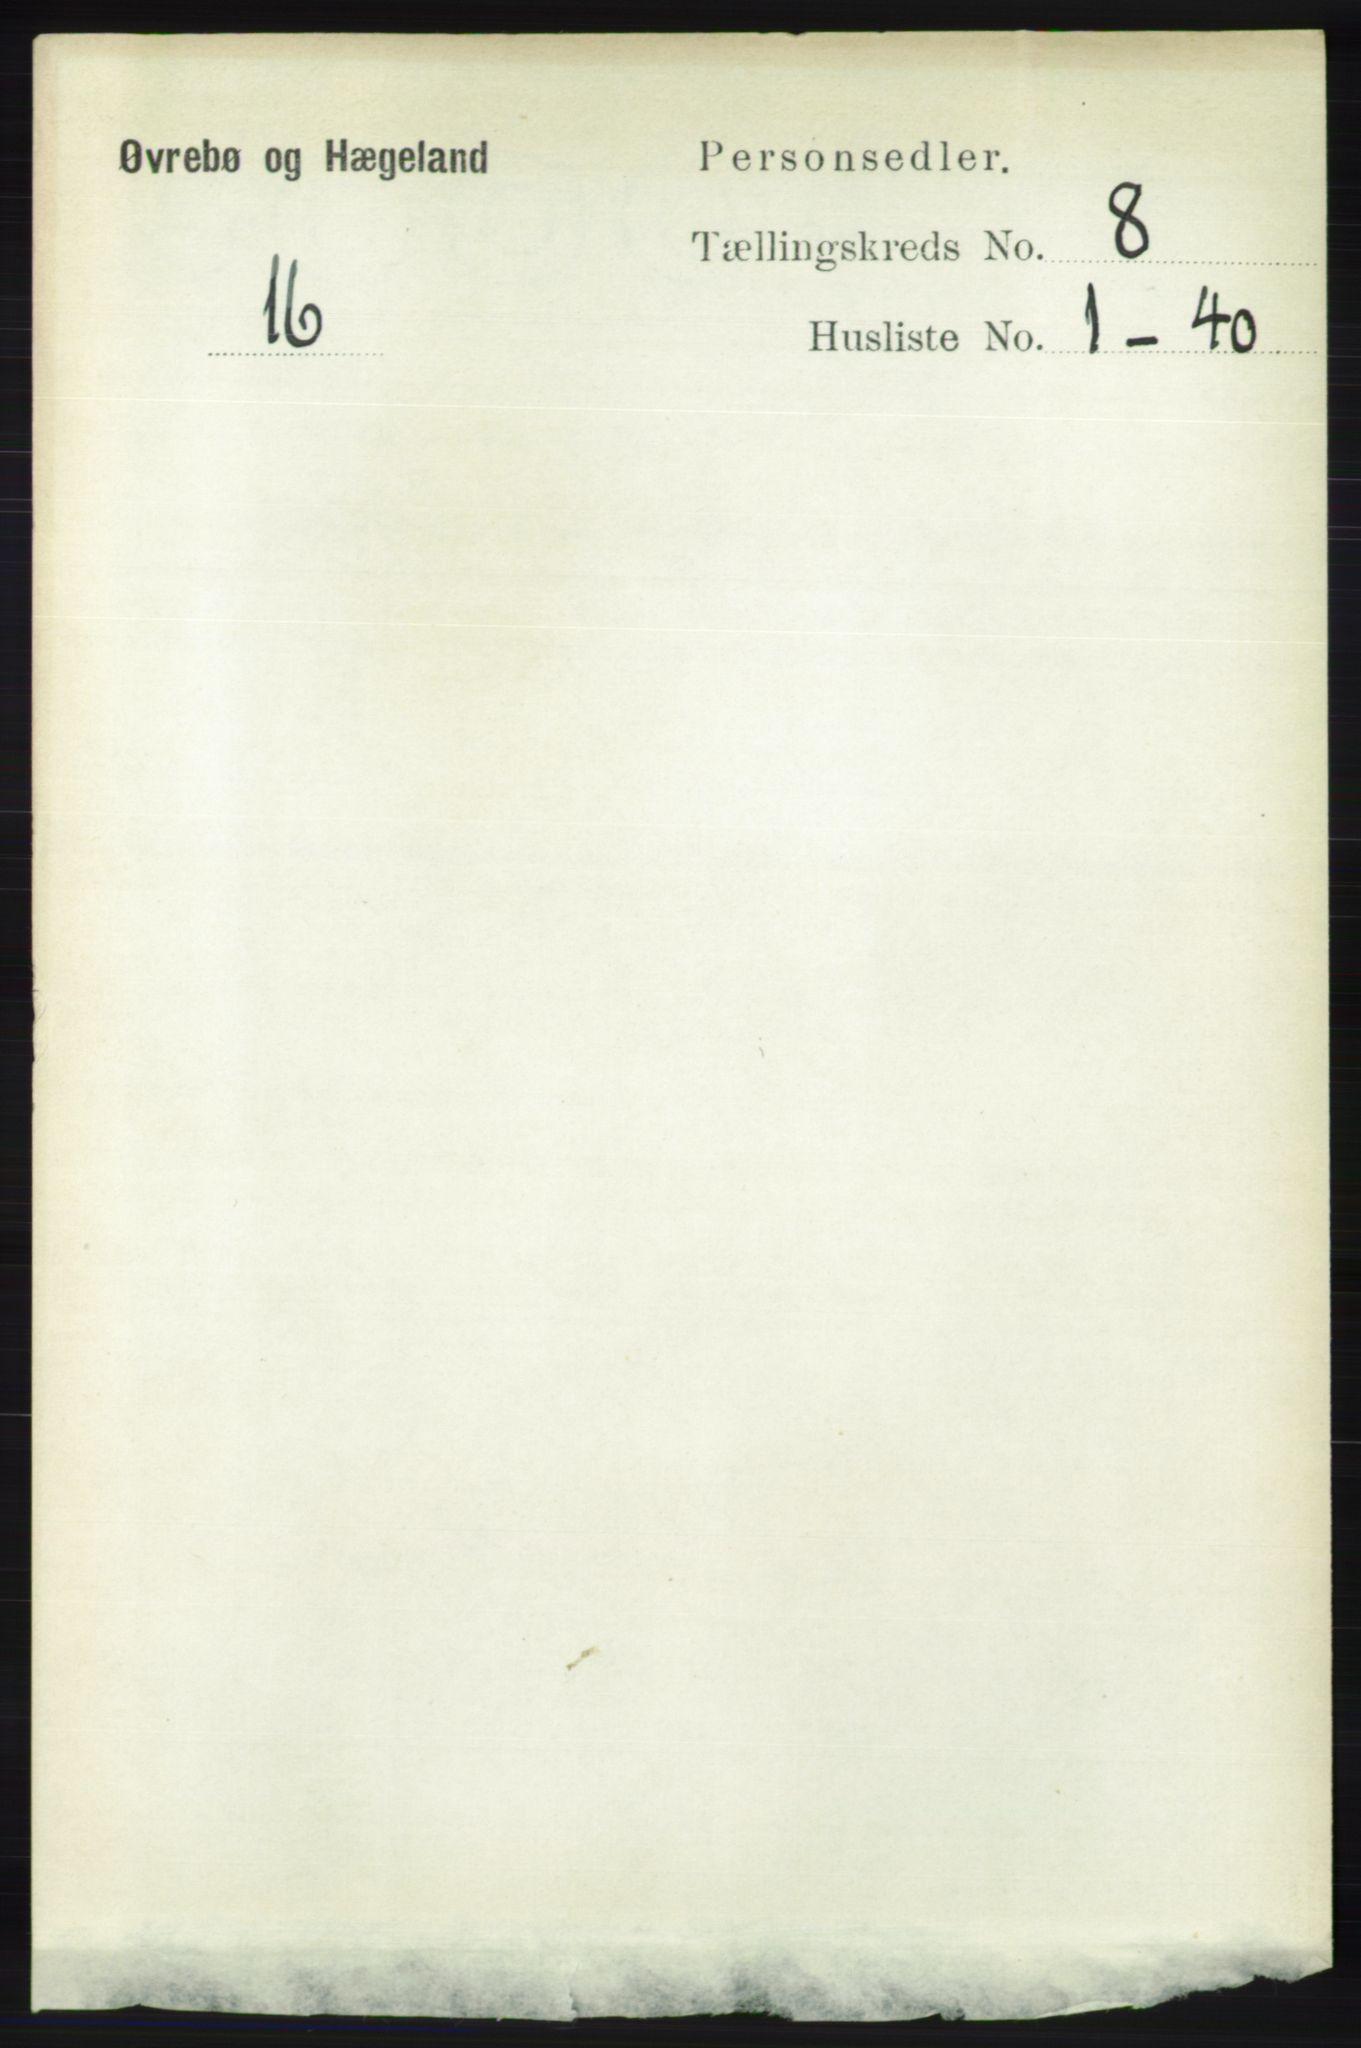 RA, Folketelling 1891 for 1016 Øvrebø og Hægeland herred, 1891, s. 1474